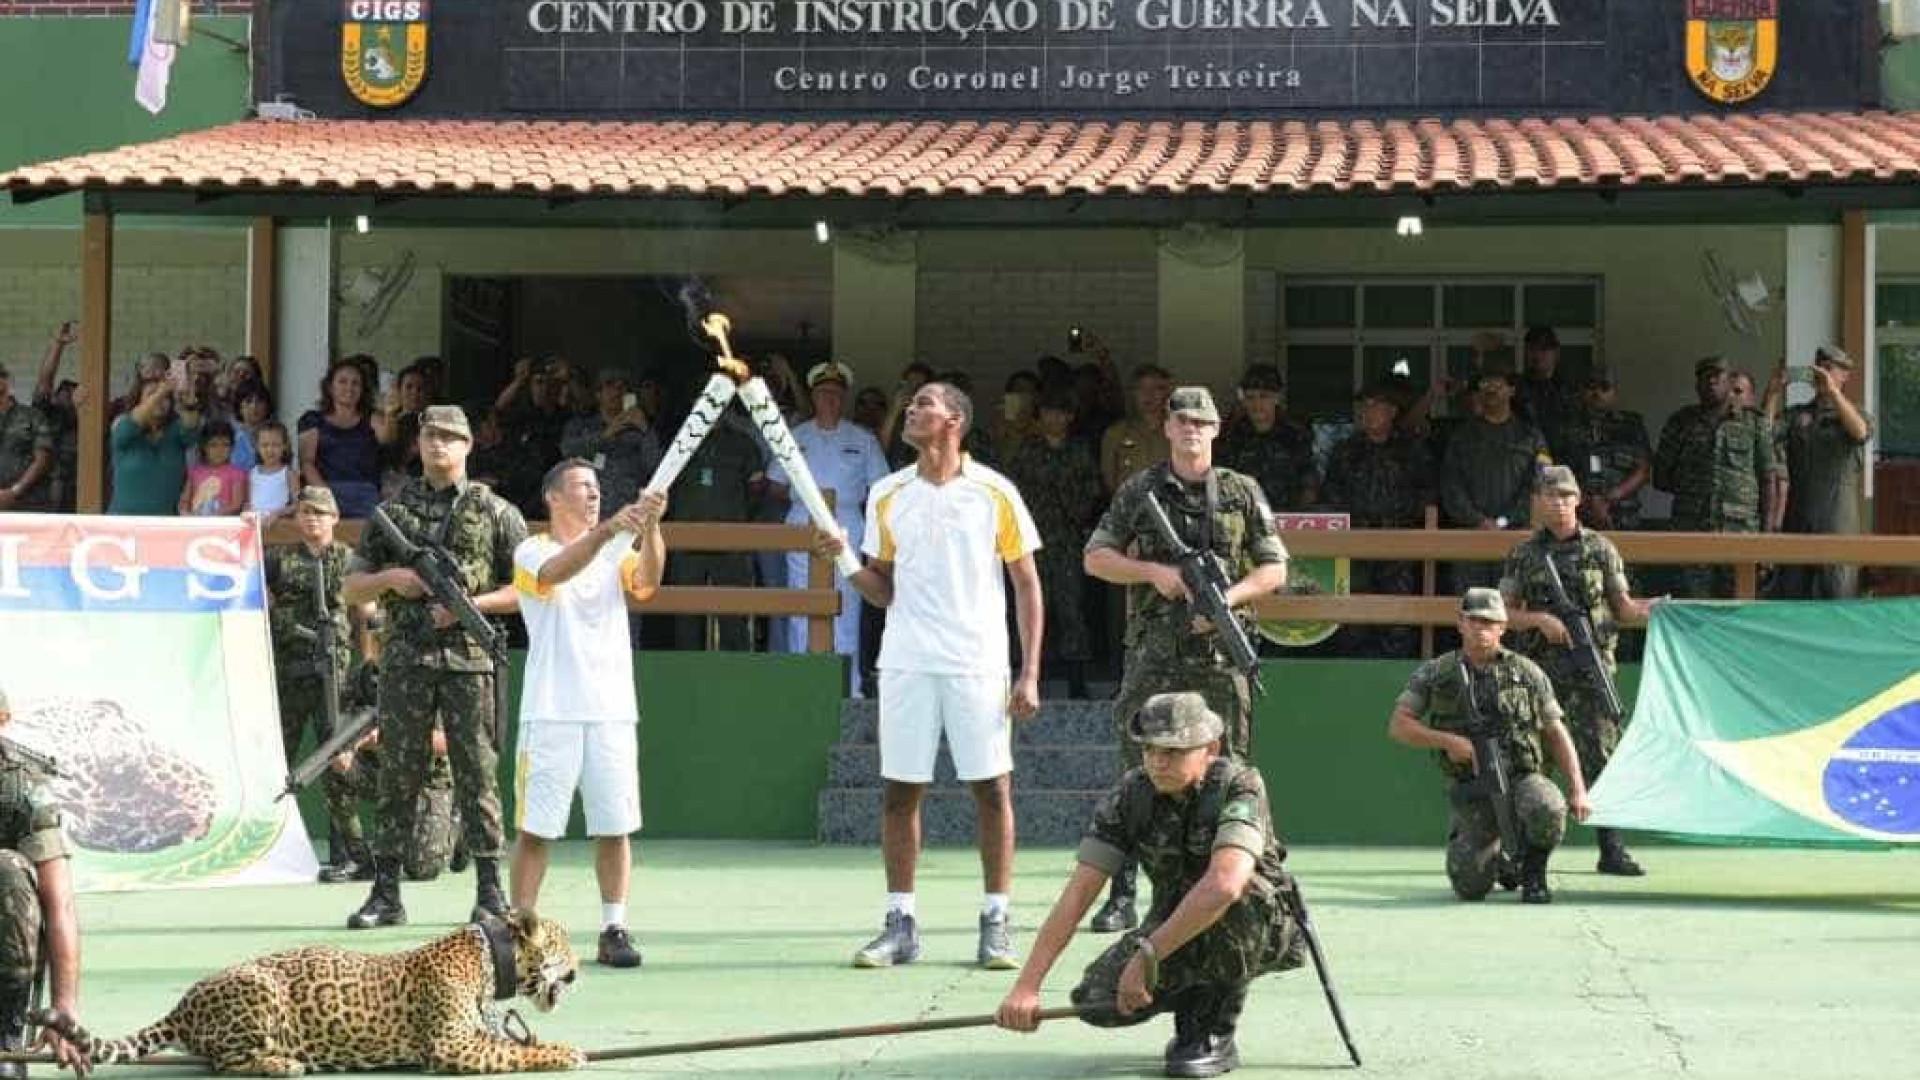 Exército deve pagar R$ 1,1 milhão por morte de onça